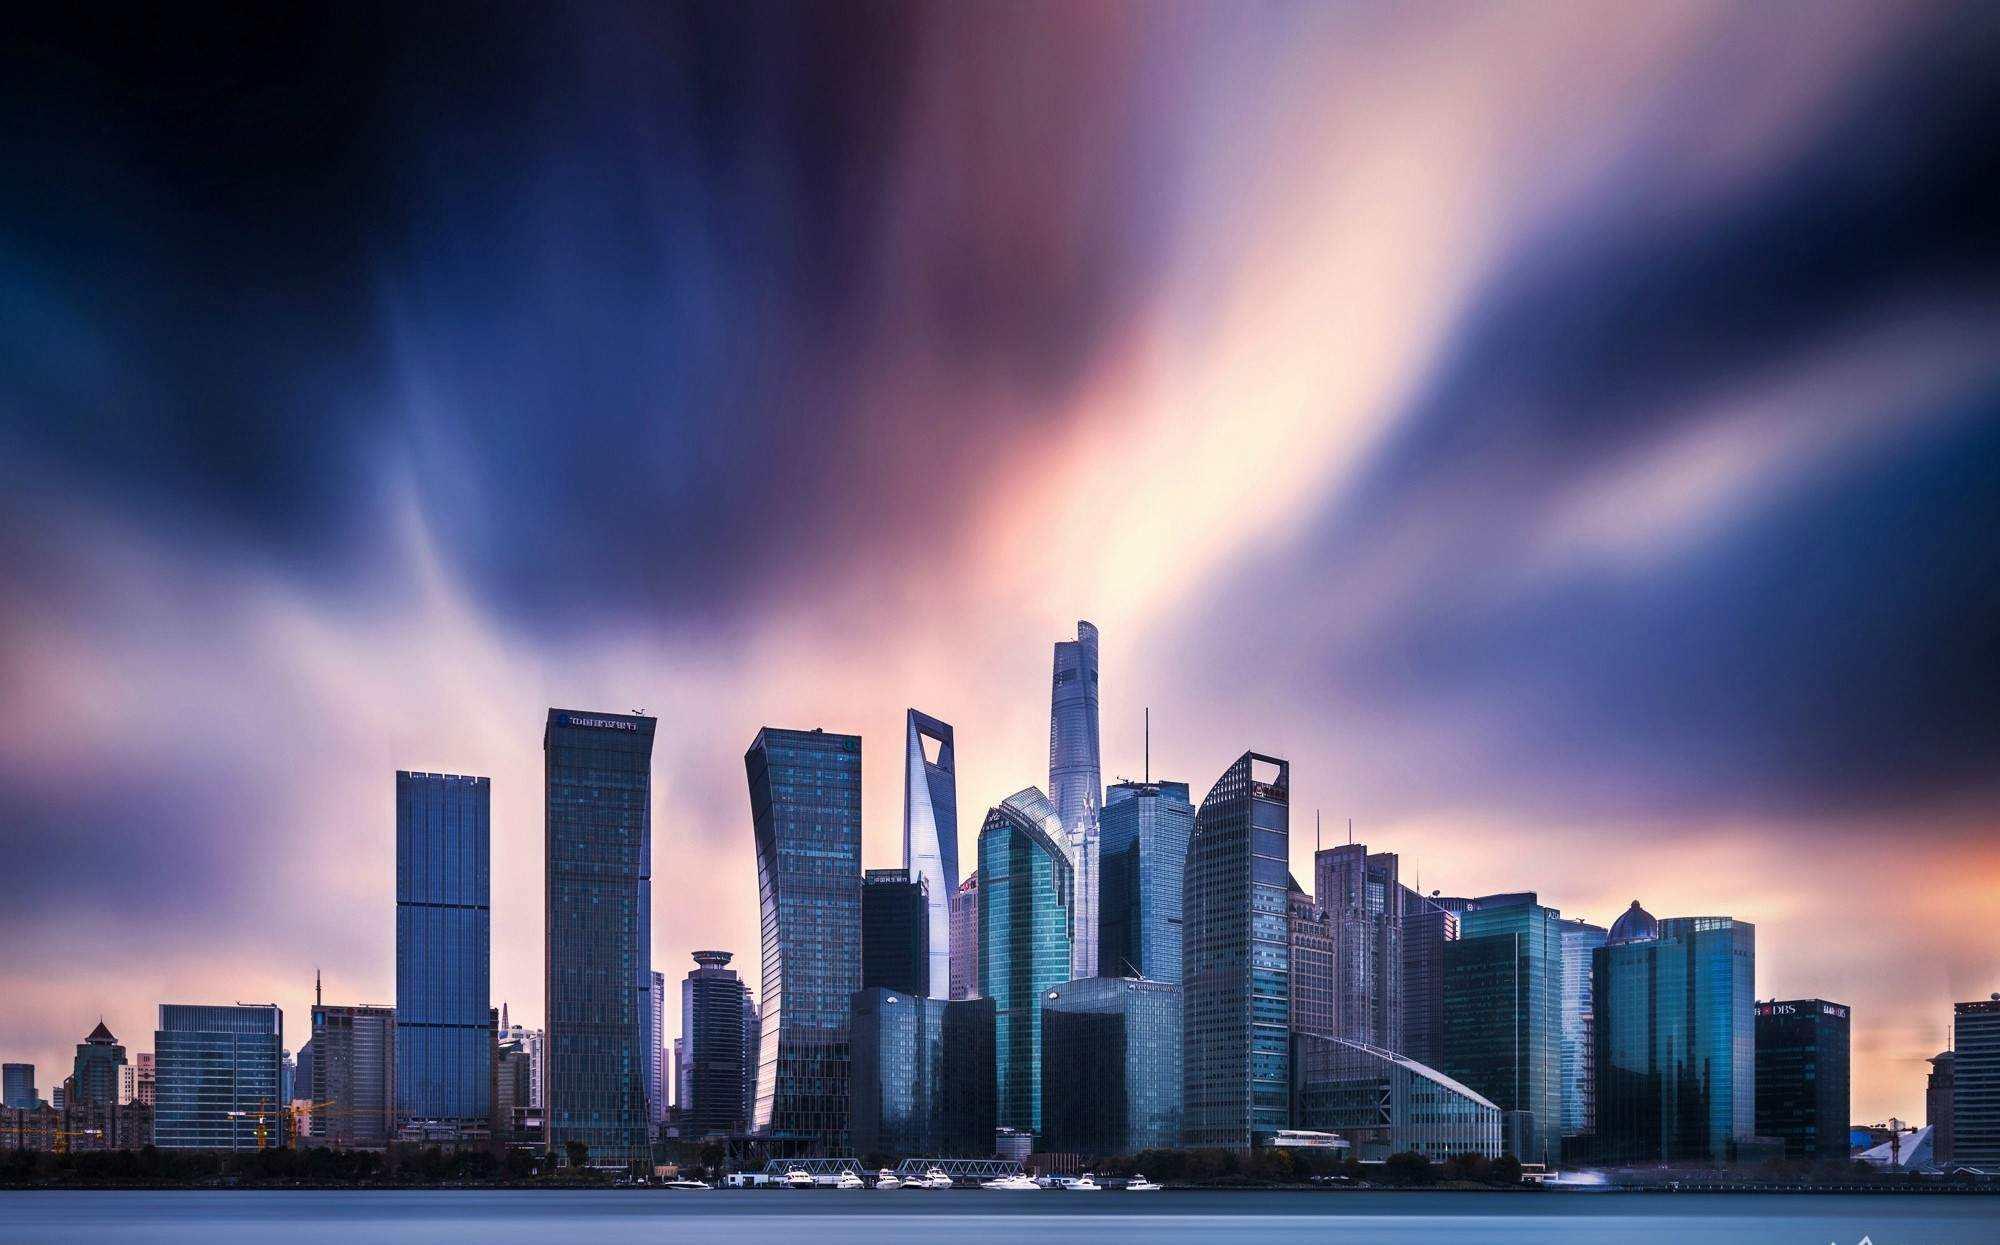 磐耀资产总经理辜若飞:近期市场有点过于乐观  二季度需保持谨慎